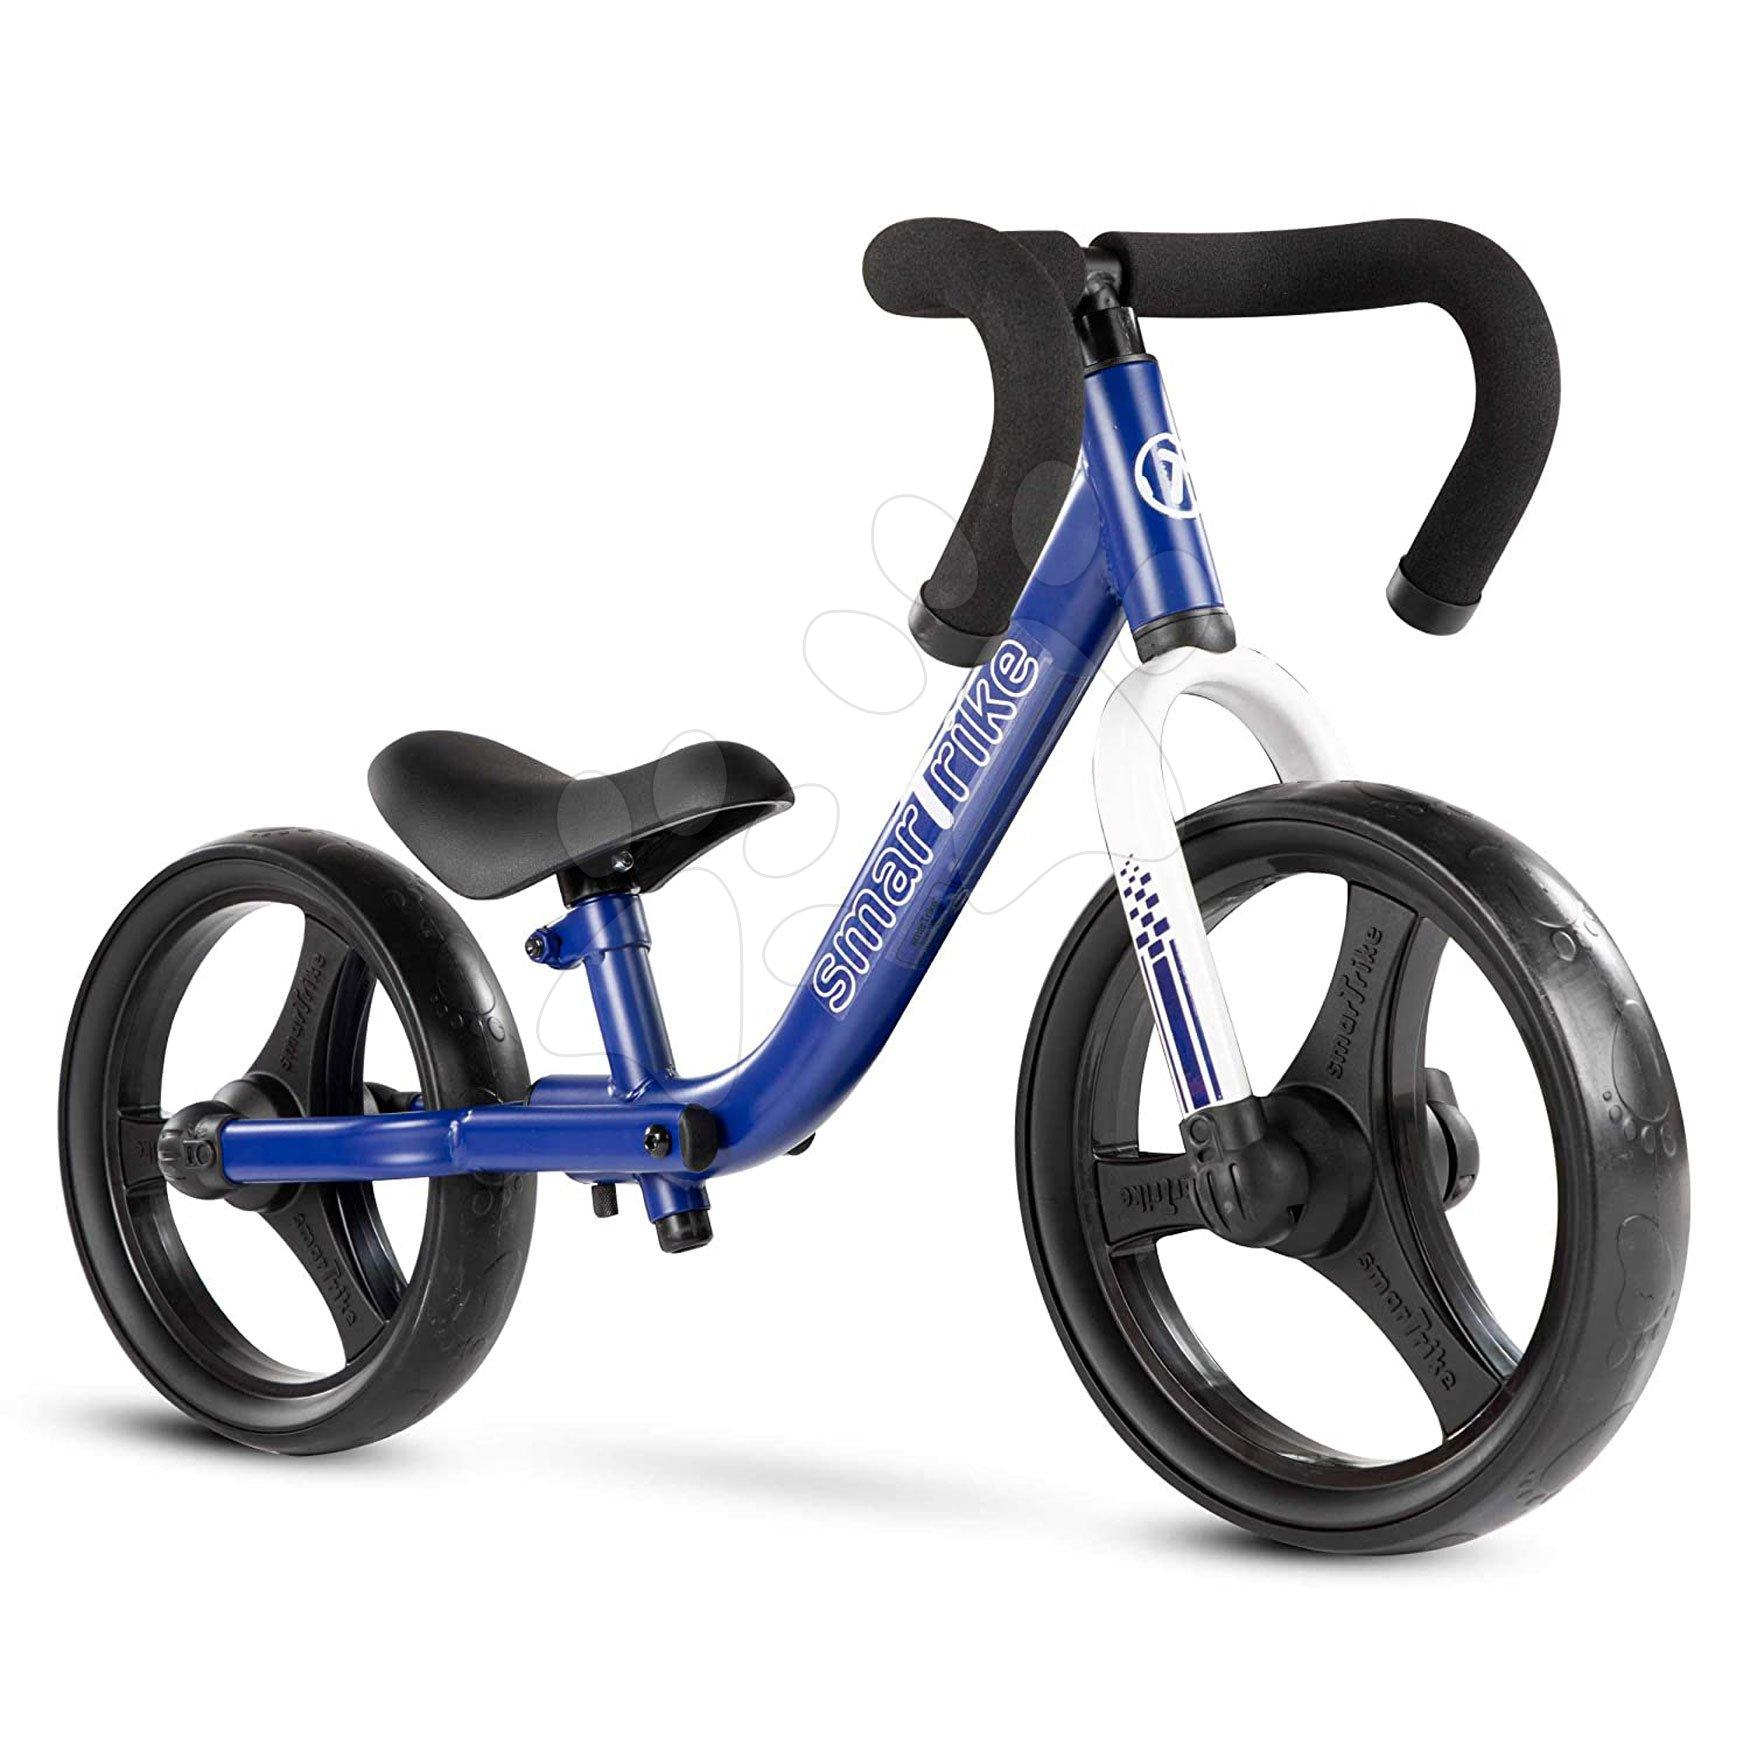 Odrážadlá od 18 mesiacov - Balančné odrážadlo skladacie Folding Balance Bike Blue smarTrike z hliníka s ergonomickými úchytmi od 2-5 rokov